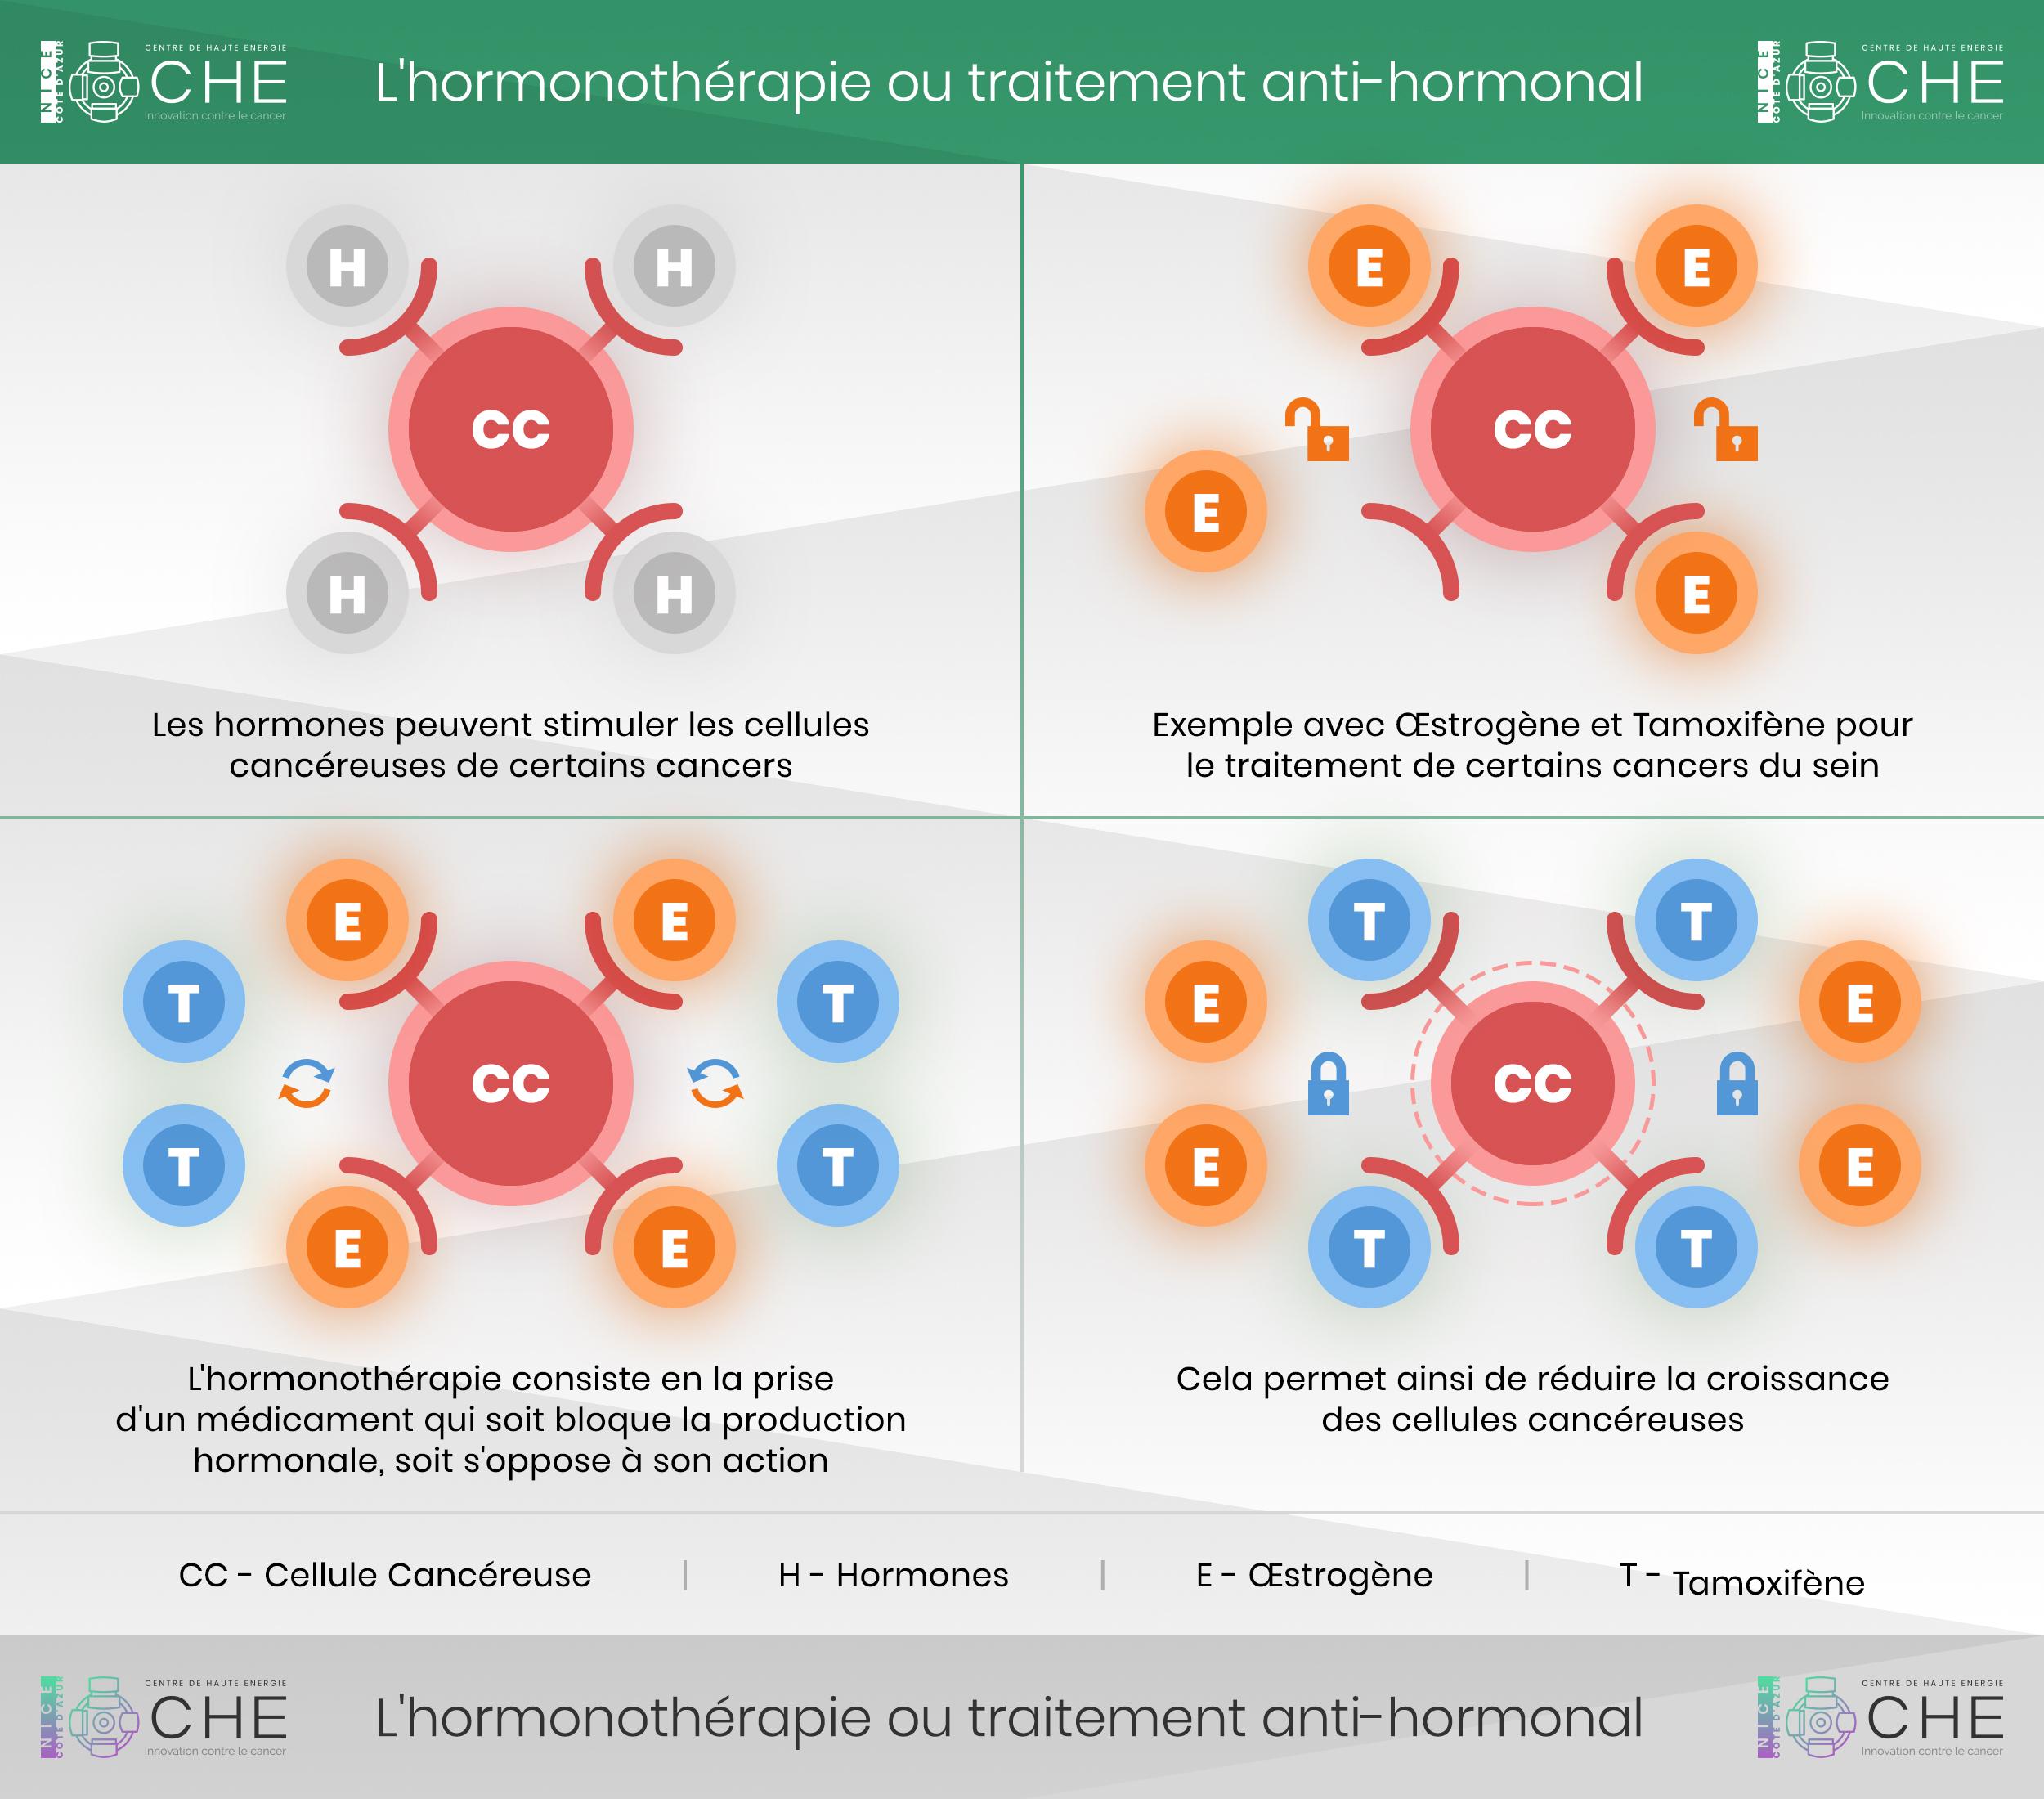 hormonothérapie fonctionnement